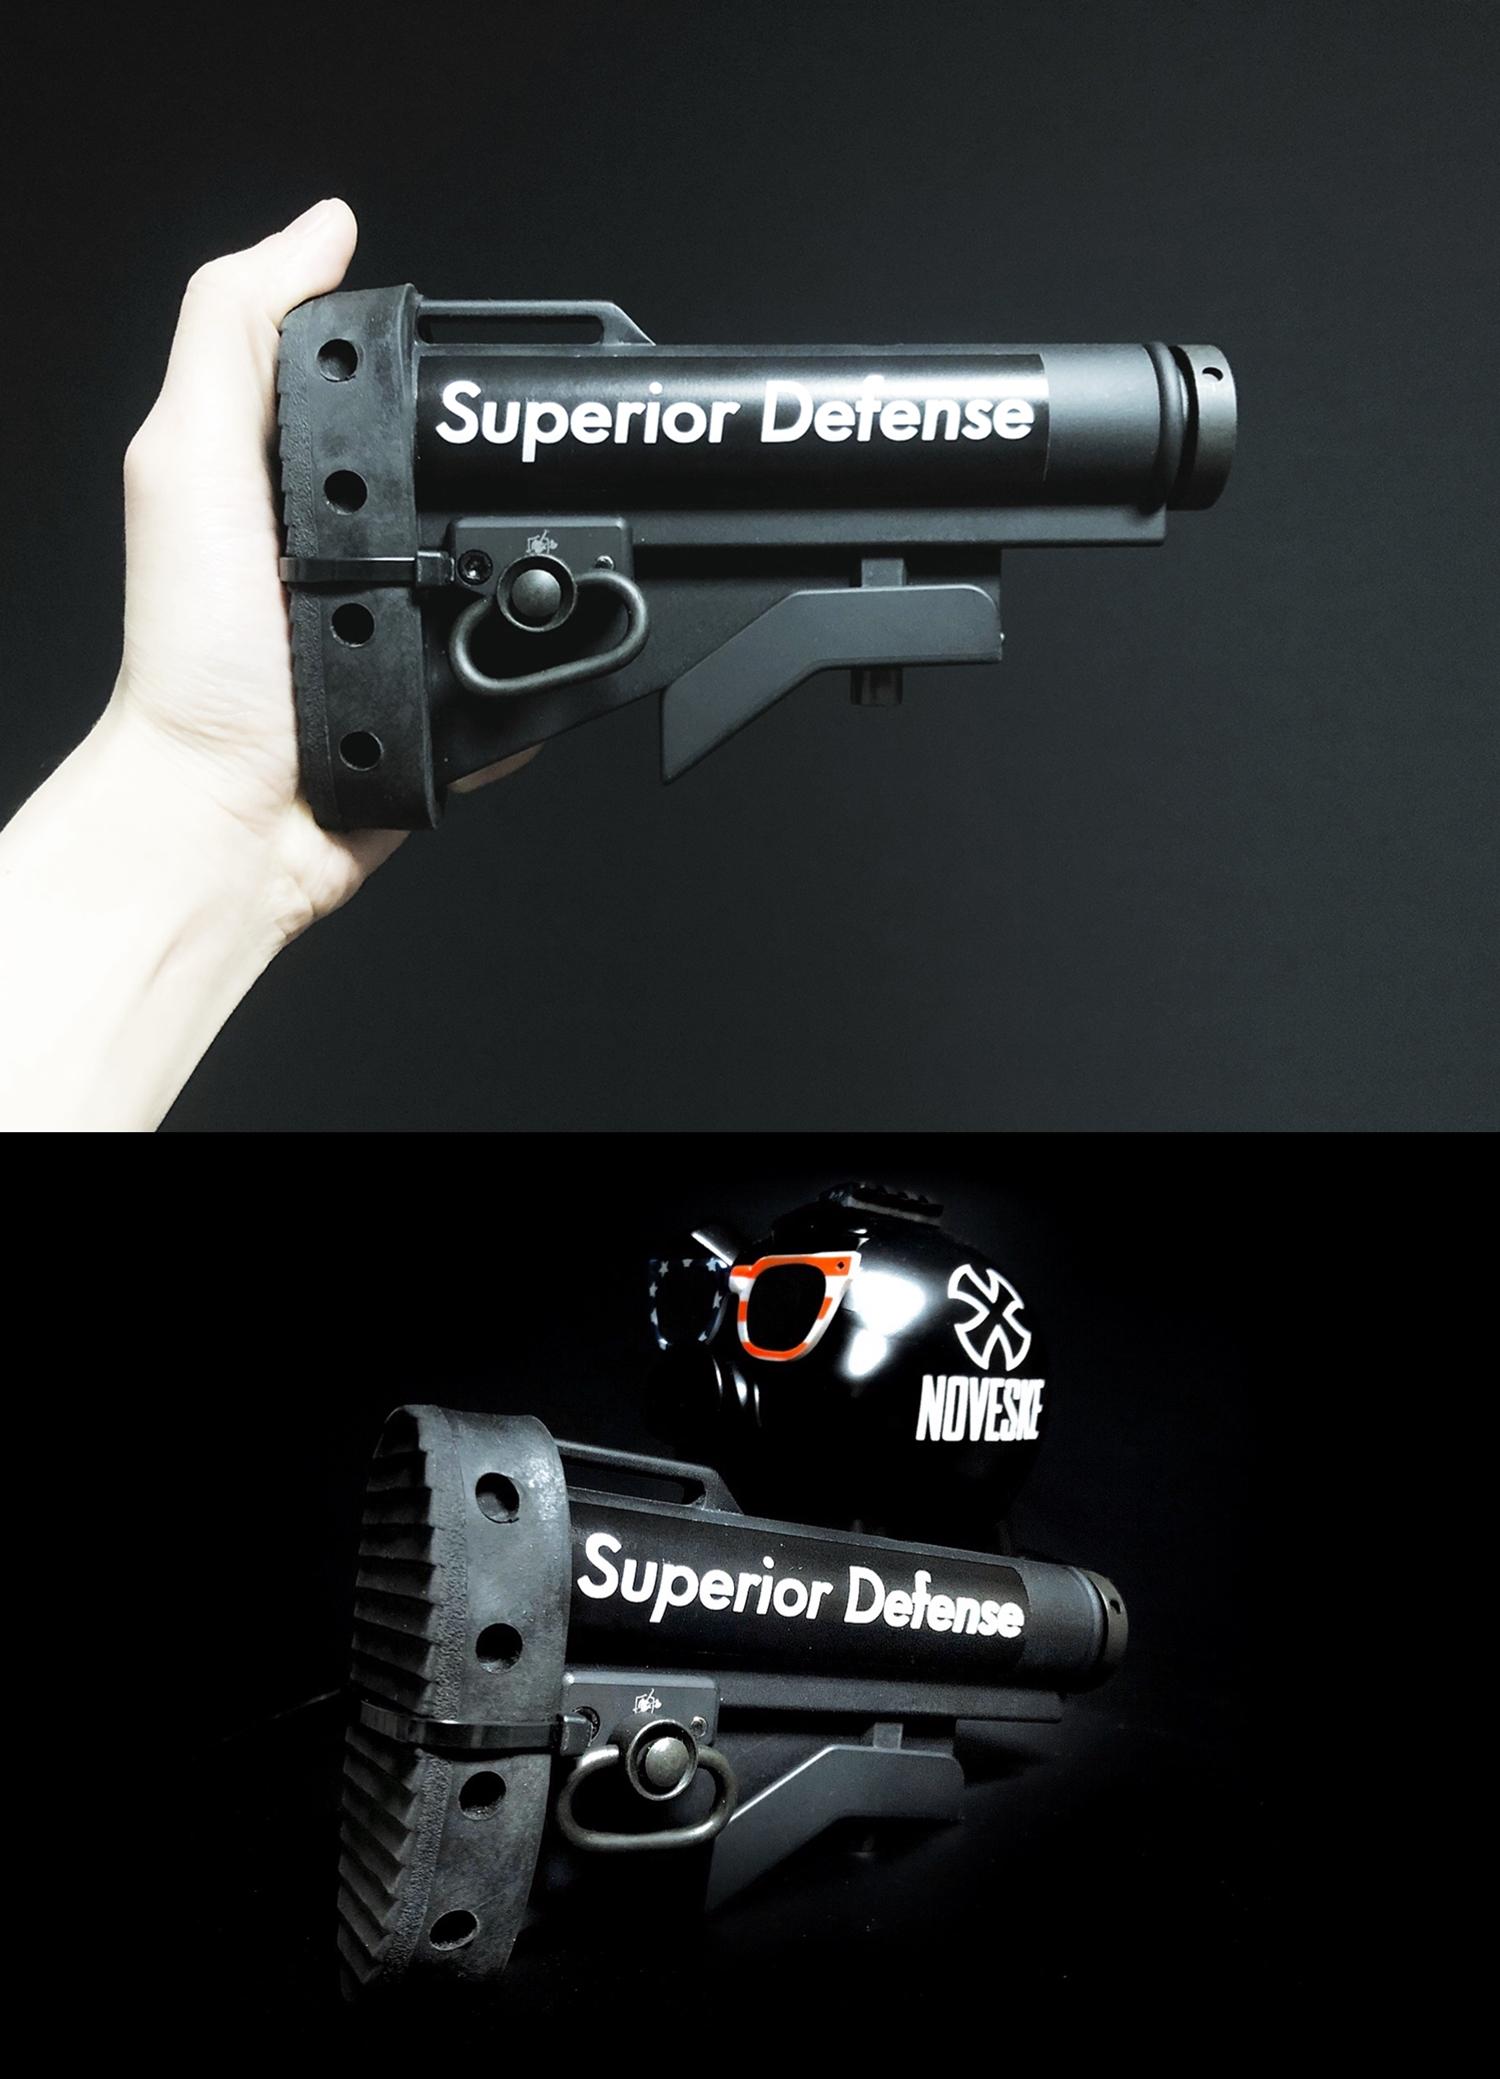 25 実物 Knight's Armament M4 Carbine Buttstock QD Sling Mount Kit & JOHN MASEN DELTA PAD & REMAKE M733 COMMANDOS STOCK!! DIY NOVESKE PIG!! KAC ナイツ QD デルタパッド!! 購入 取付 カスタム レビュー!!